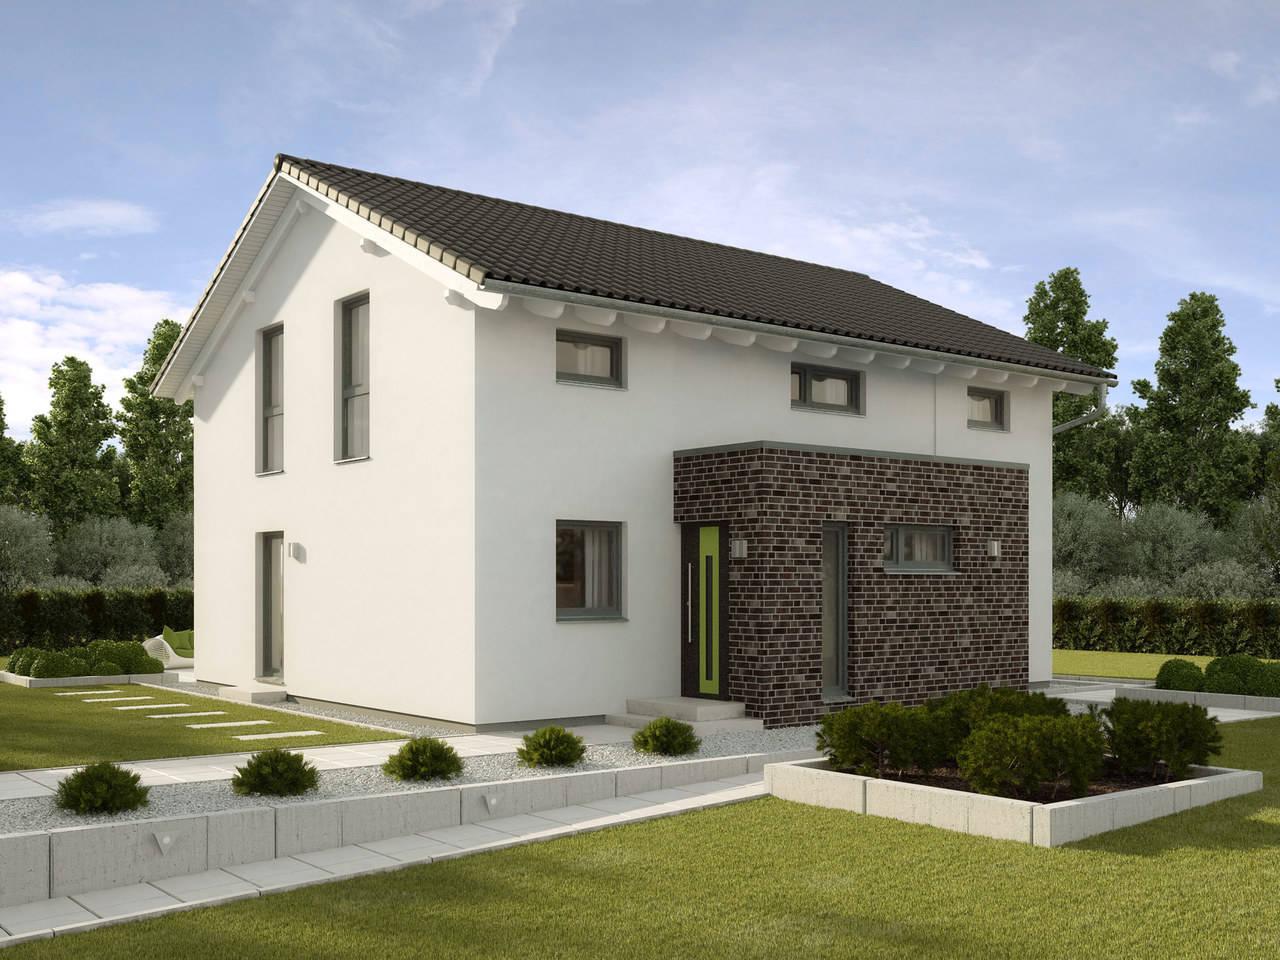 Einfamilienhaus Pappelallee Variante 1 GUSSEK HAUS